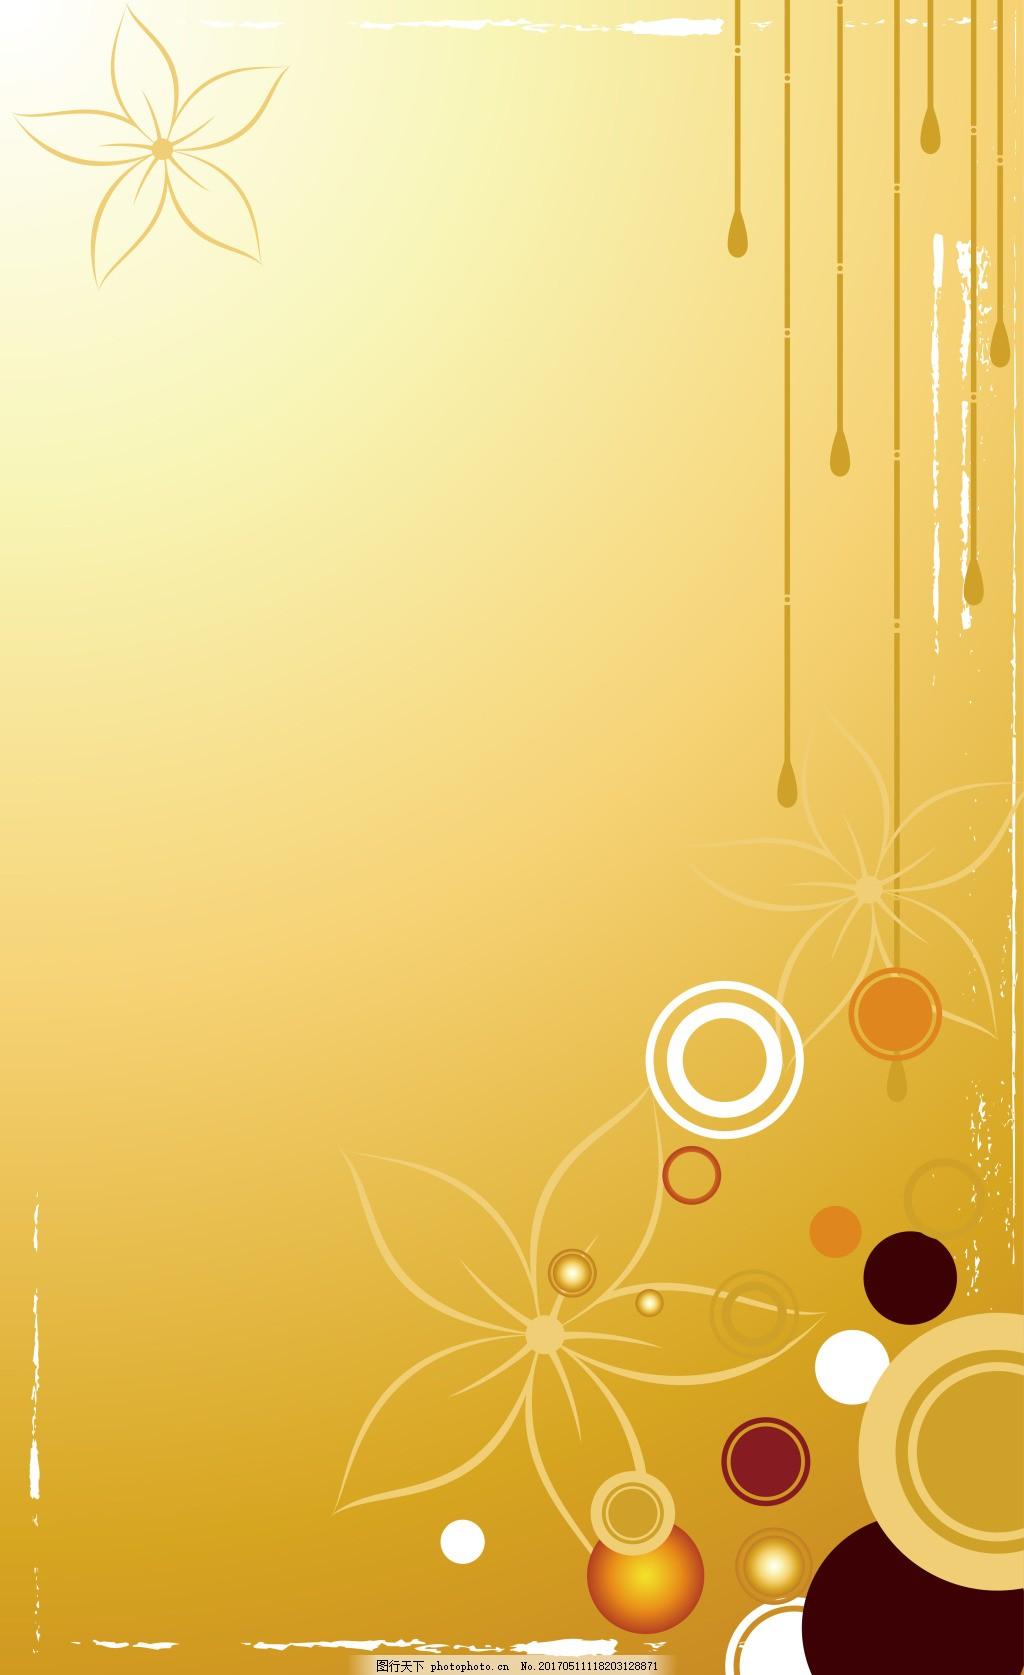 手绘花纹黄色背景 手绘 花纹 黄色